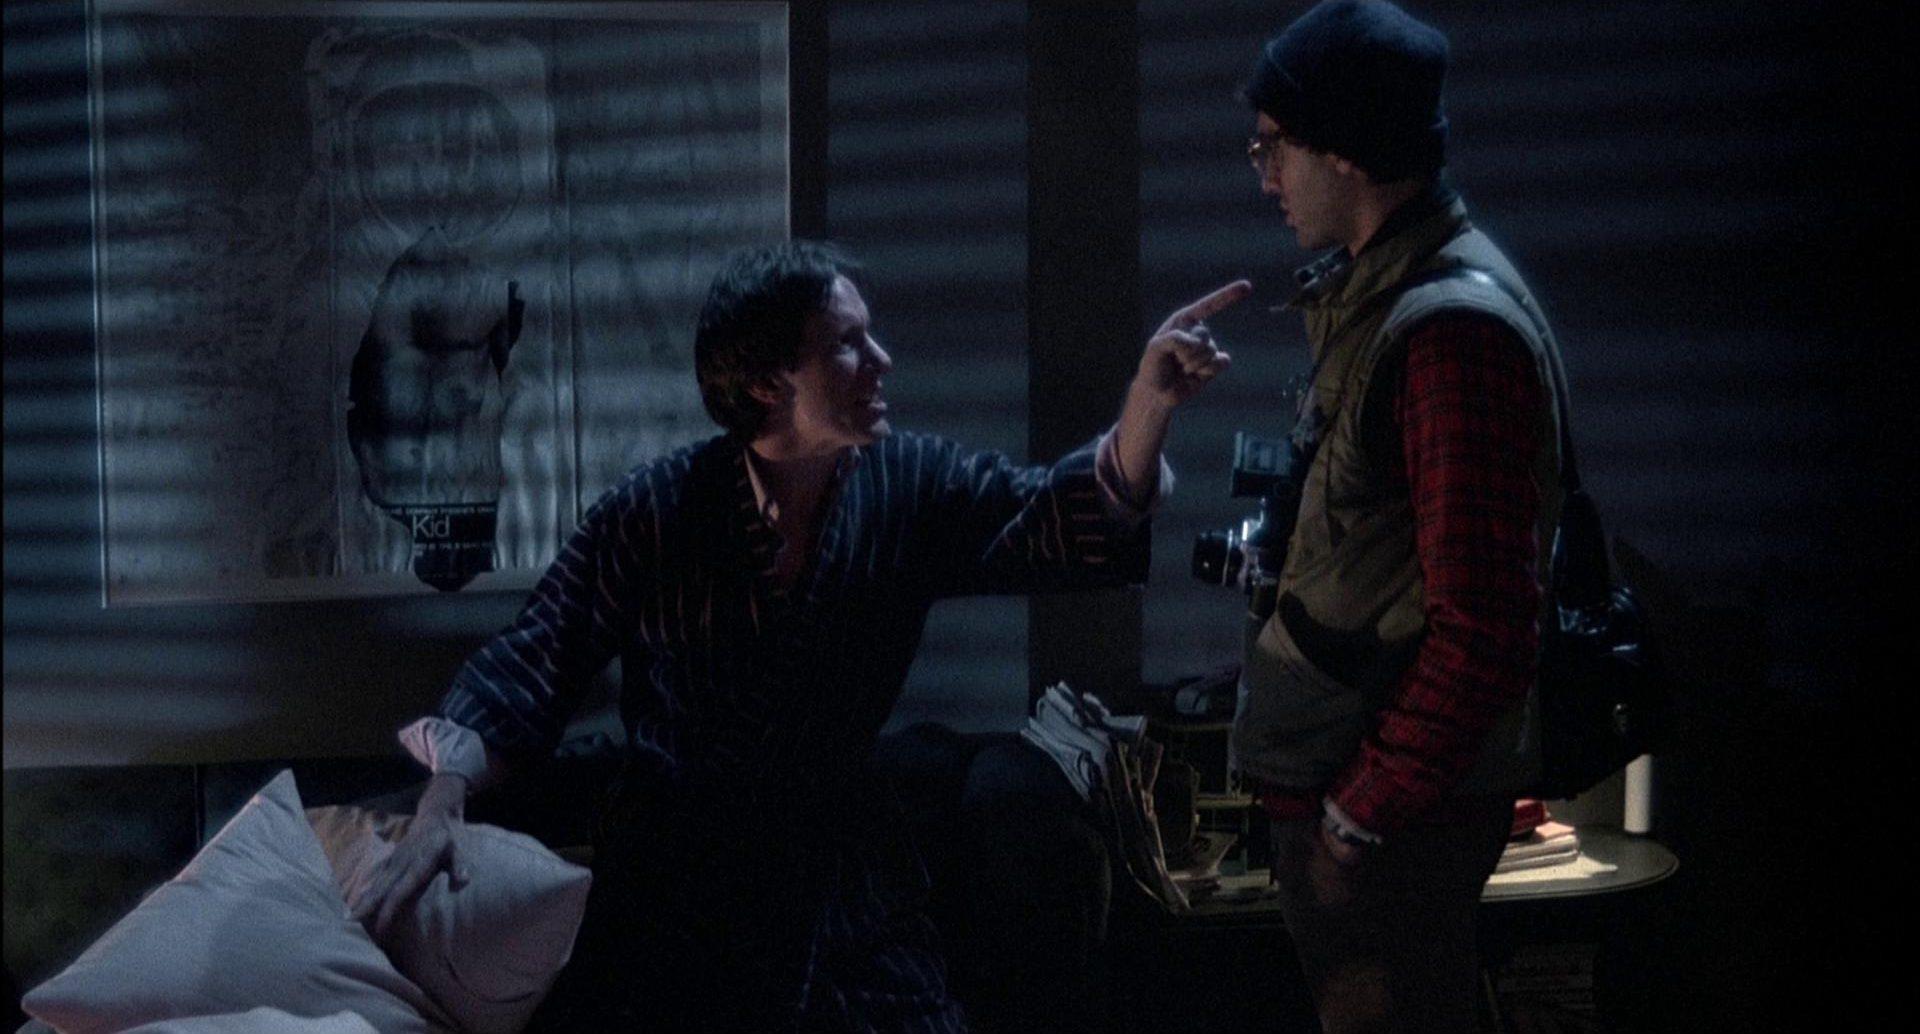 Verärgerter Renn in dunklem Zimmer im Gespräch mit seinem Techniker.